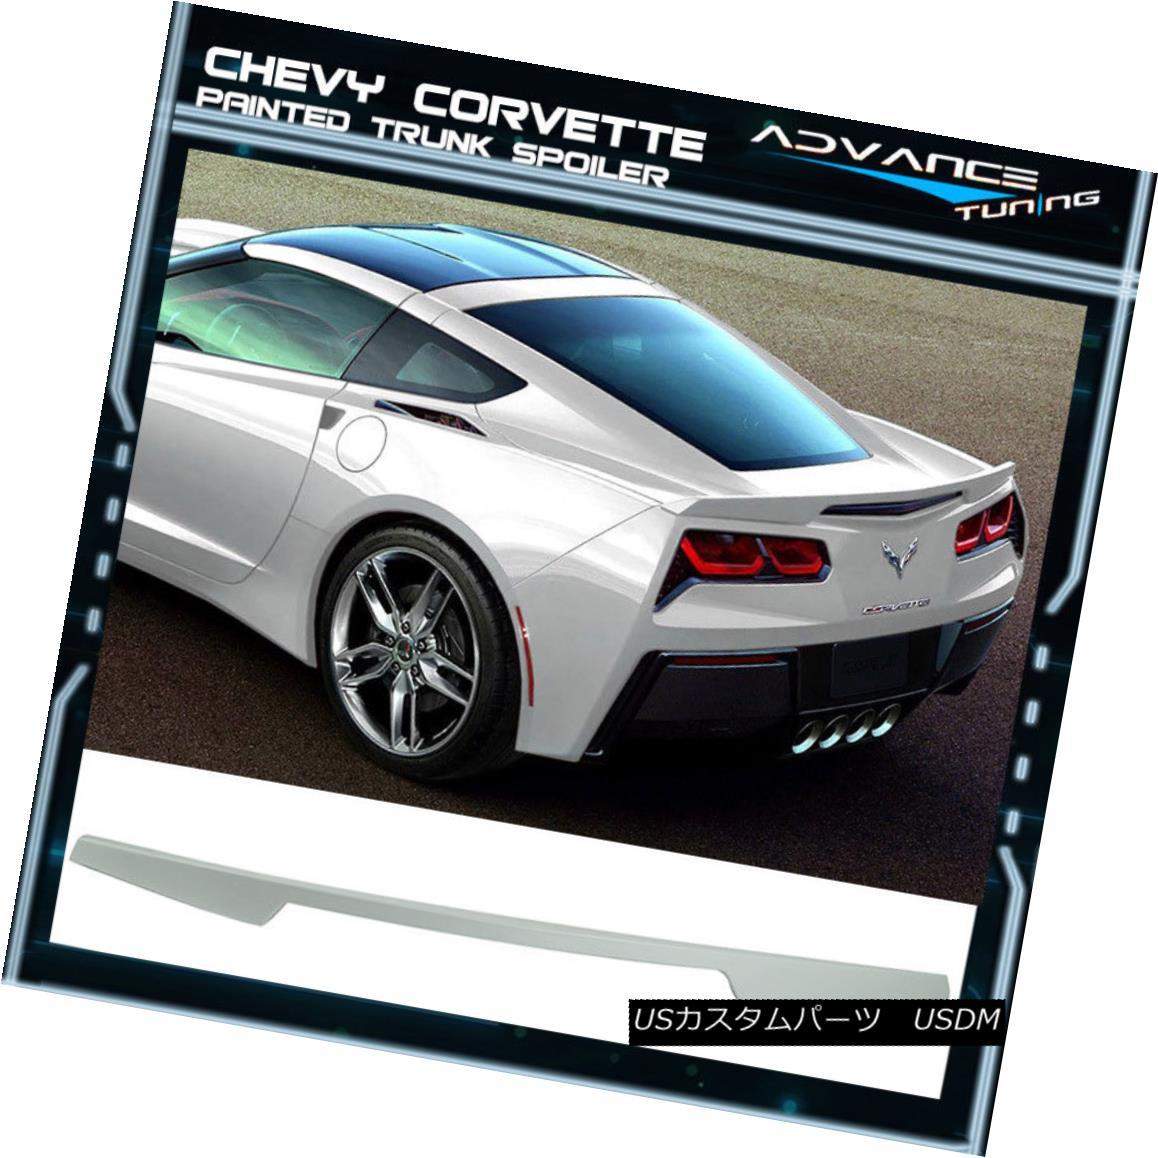 エアロパーツ 14-18 Chevy Corvette C7 Trunk Spoiler OEM Painted Color Arctic White WA9567 14-18シボレーコルベットC7トランクスポイラーOEM塗装カラーアークティックホワイトWA9567